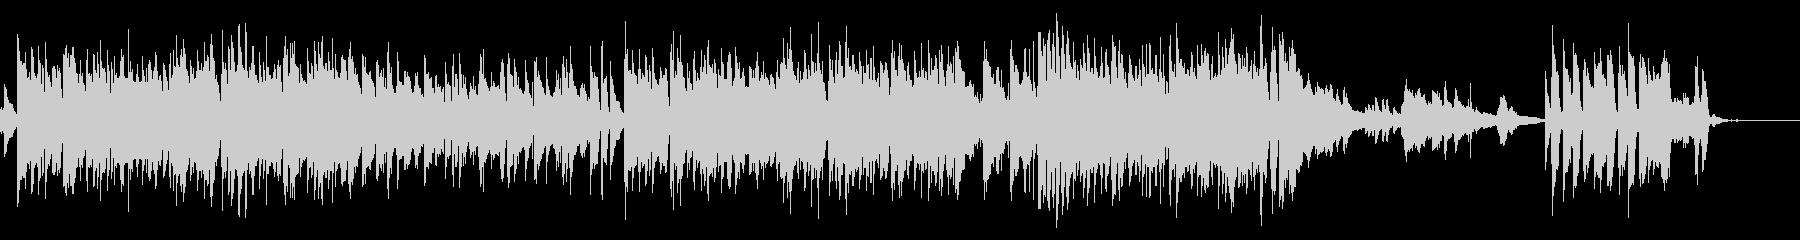 オシャレでかっこいいジャズピアノ-短縮版の未再生の波形